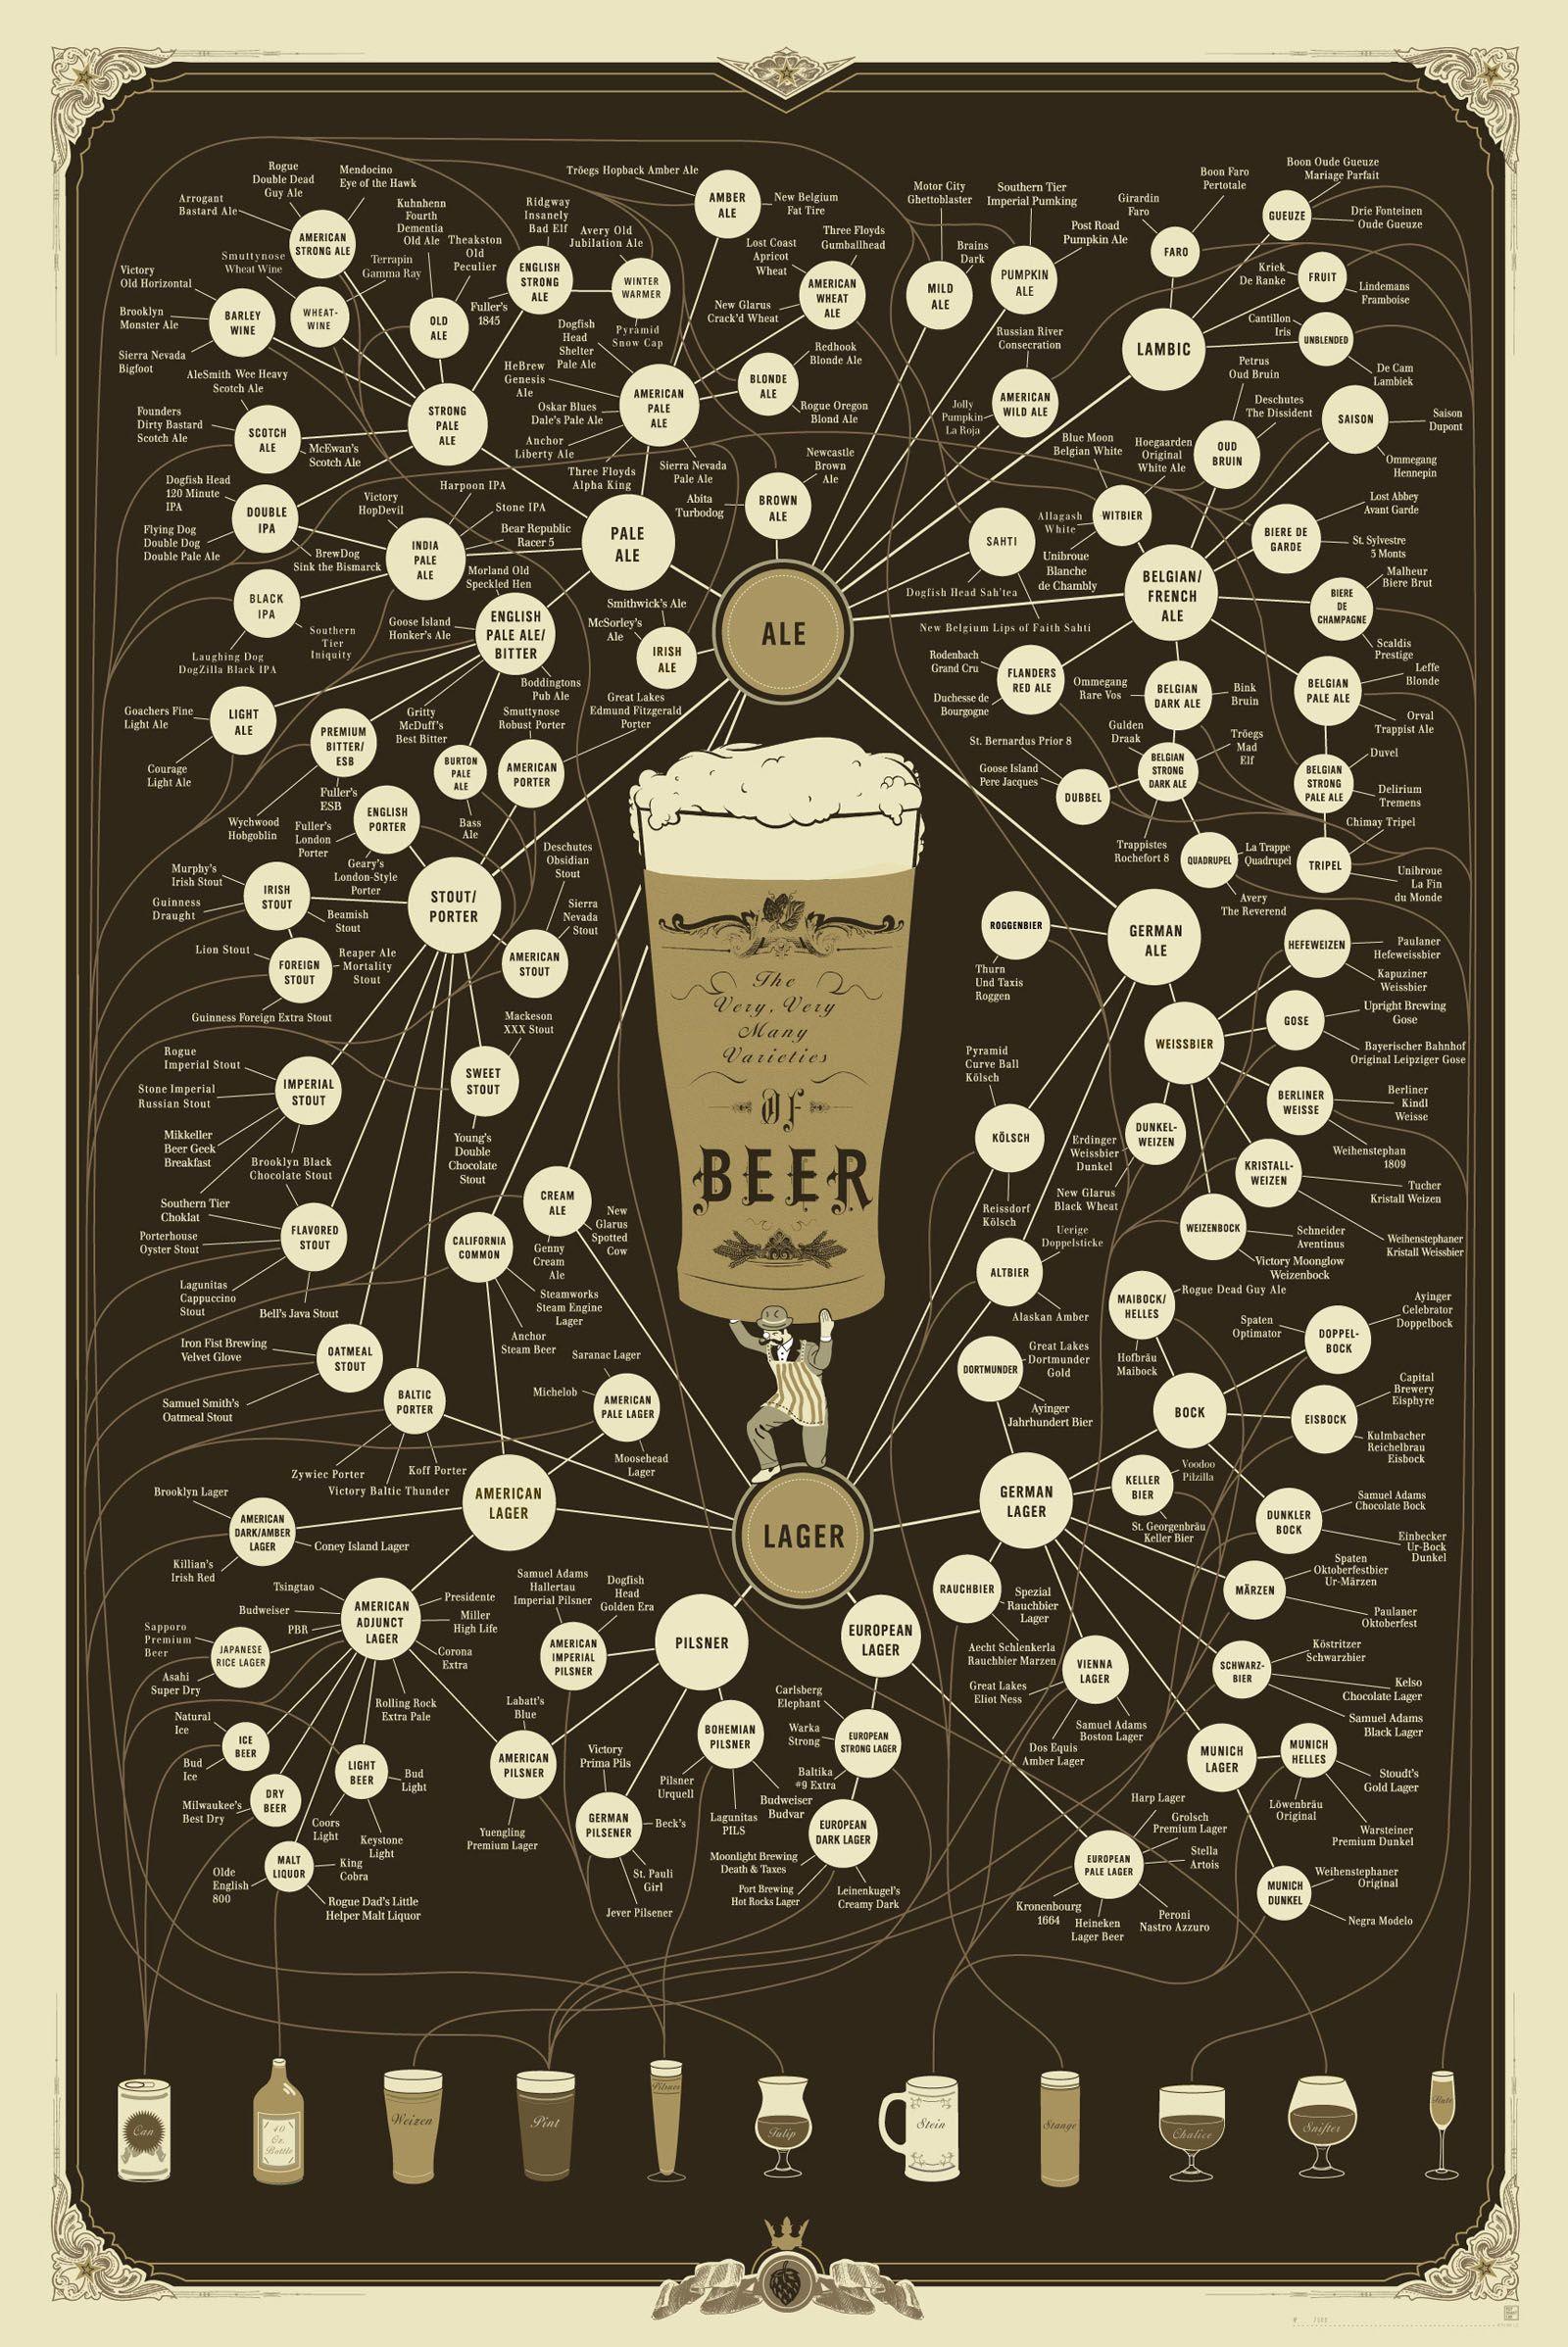 Il percorso delle birre....che bella esperienza ci aspetta!